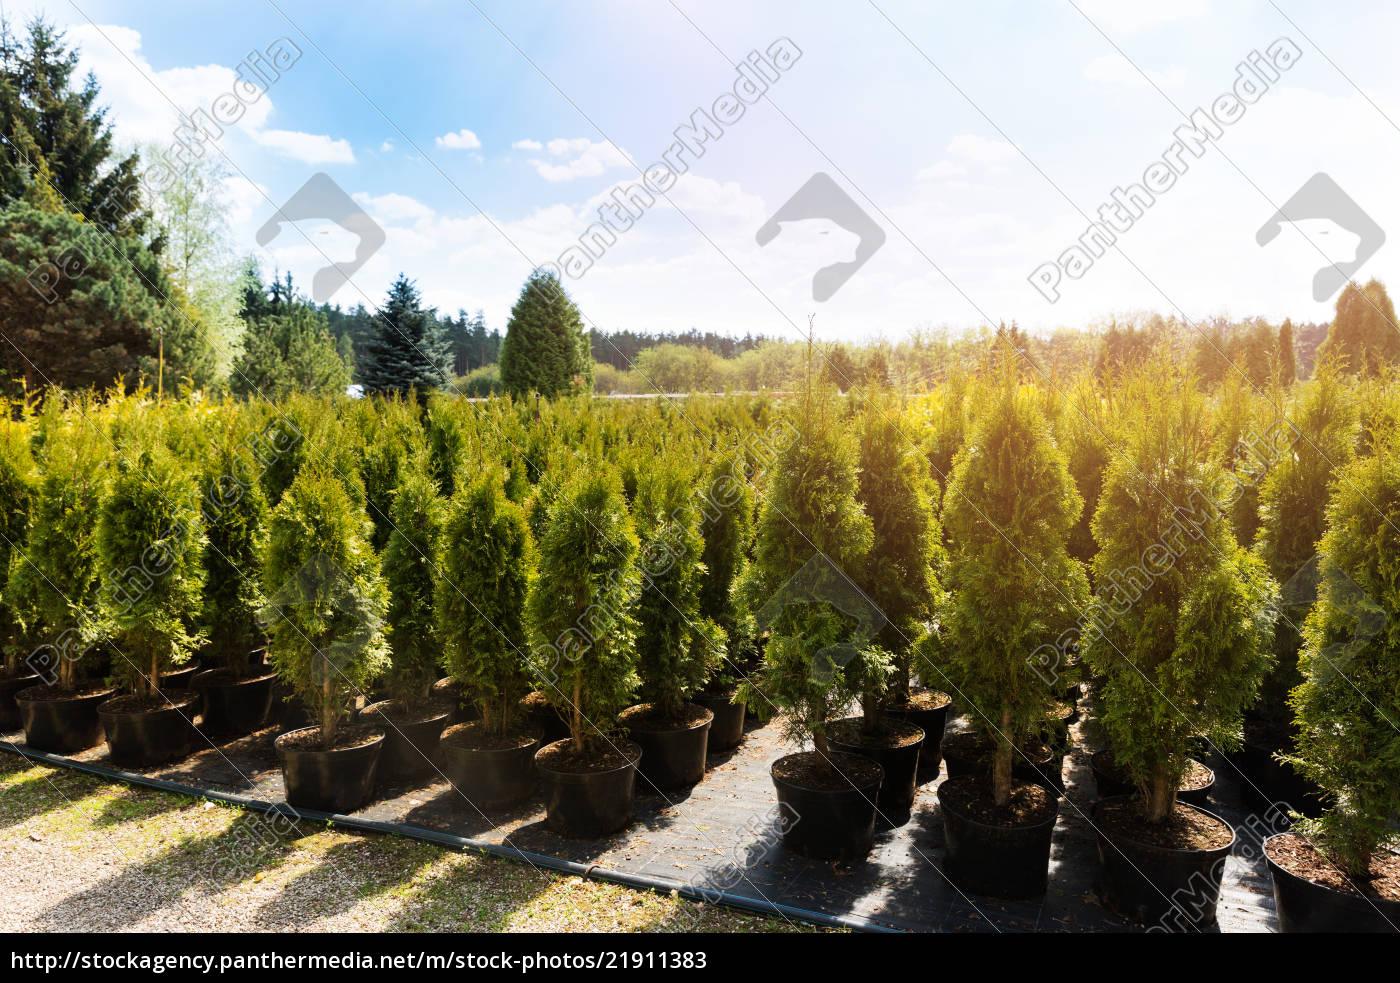 Lizenzfreies Bild thuja bäume im pflanzen garten